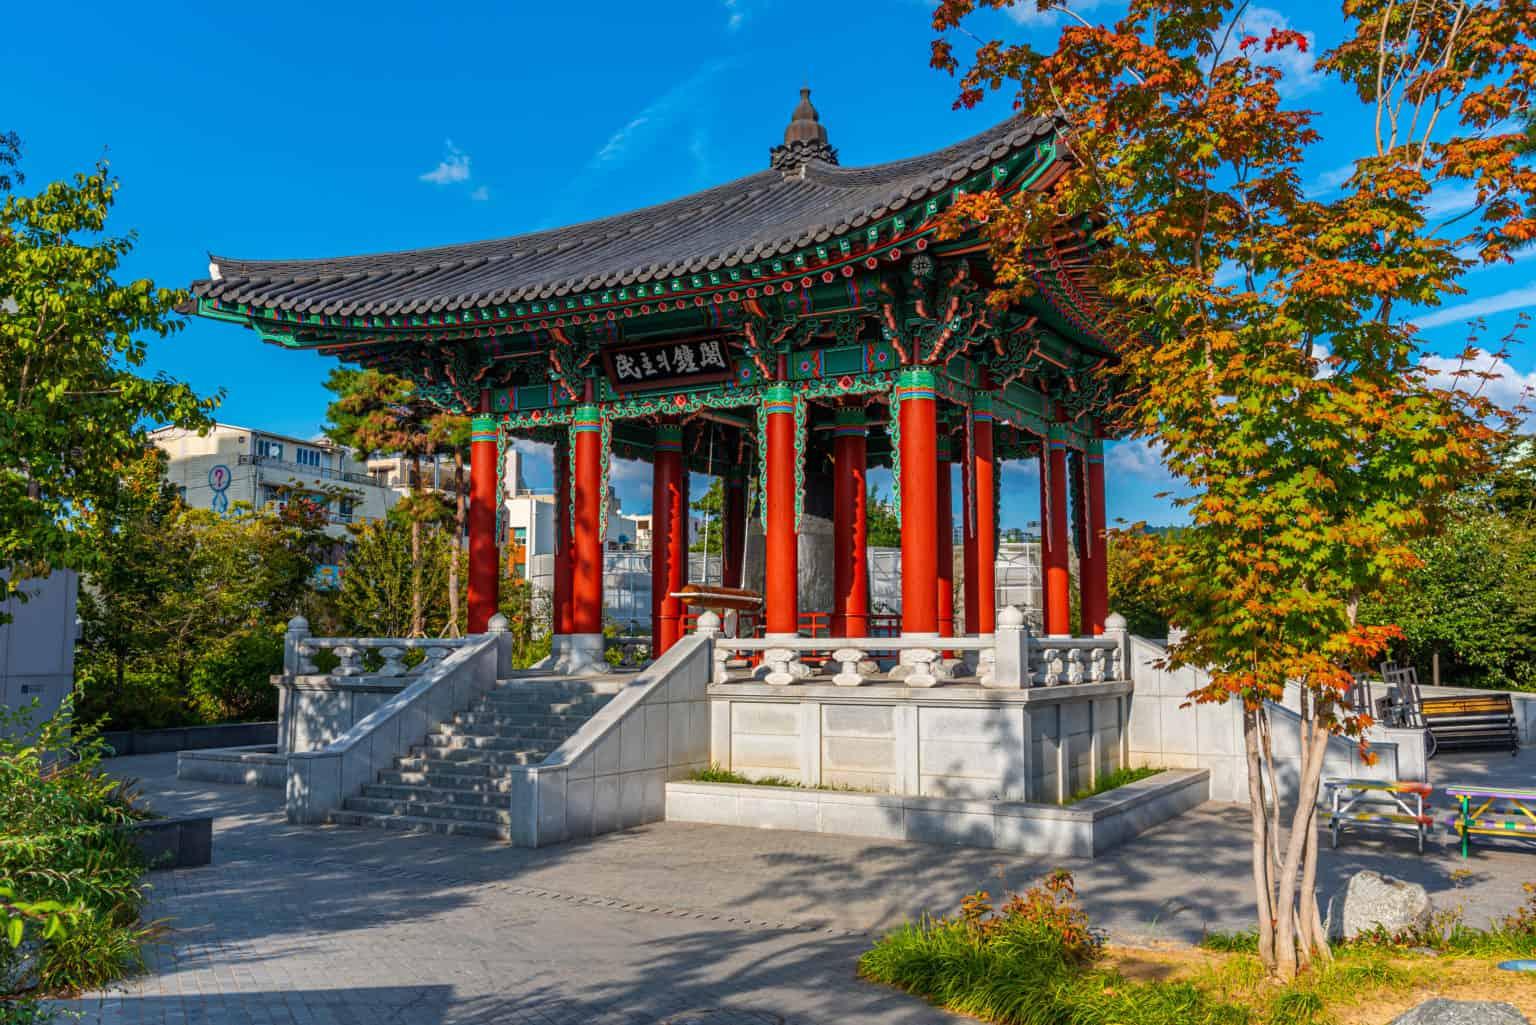 Walking Tour in Gwangju